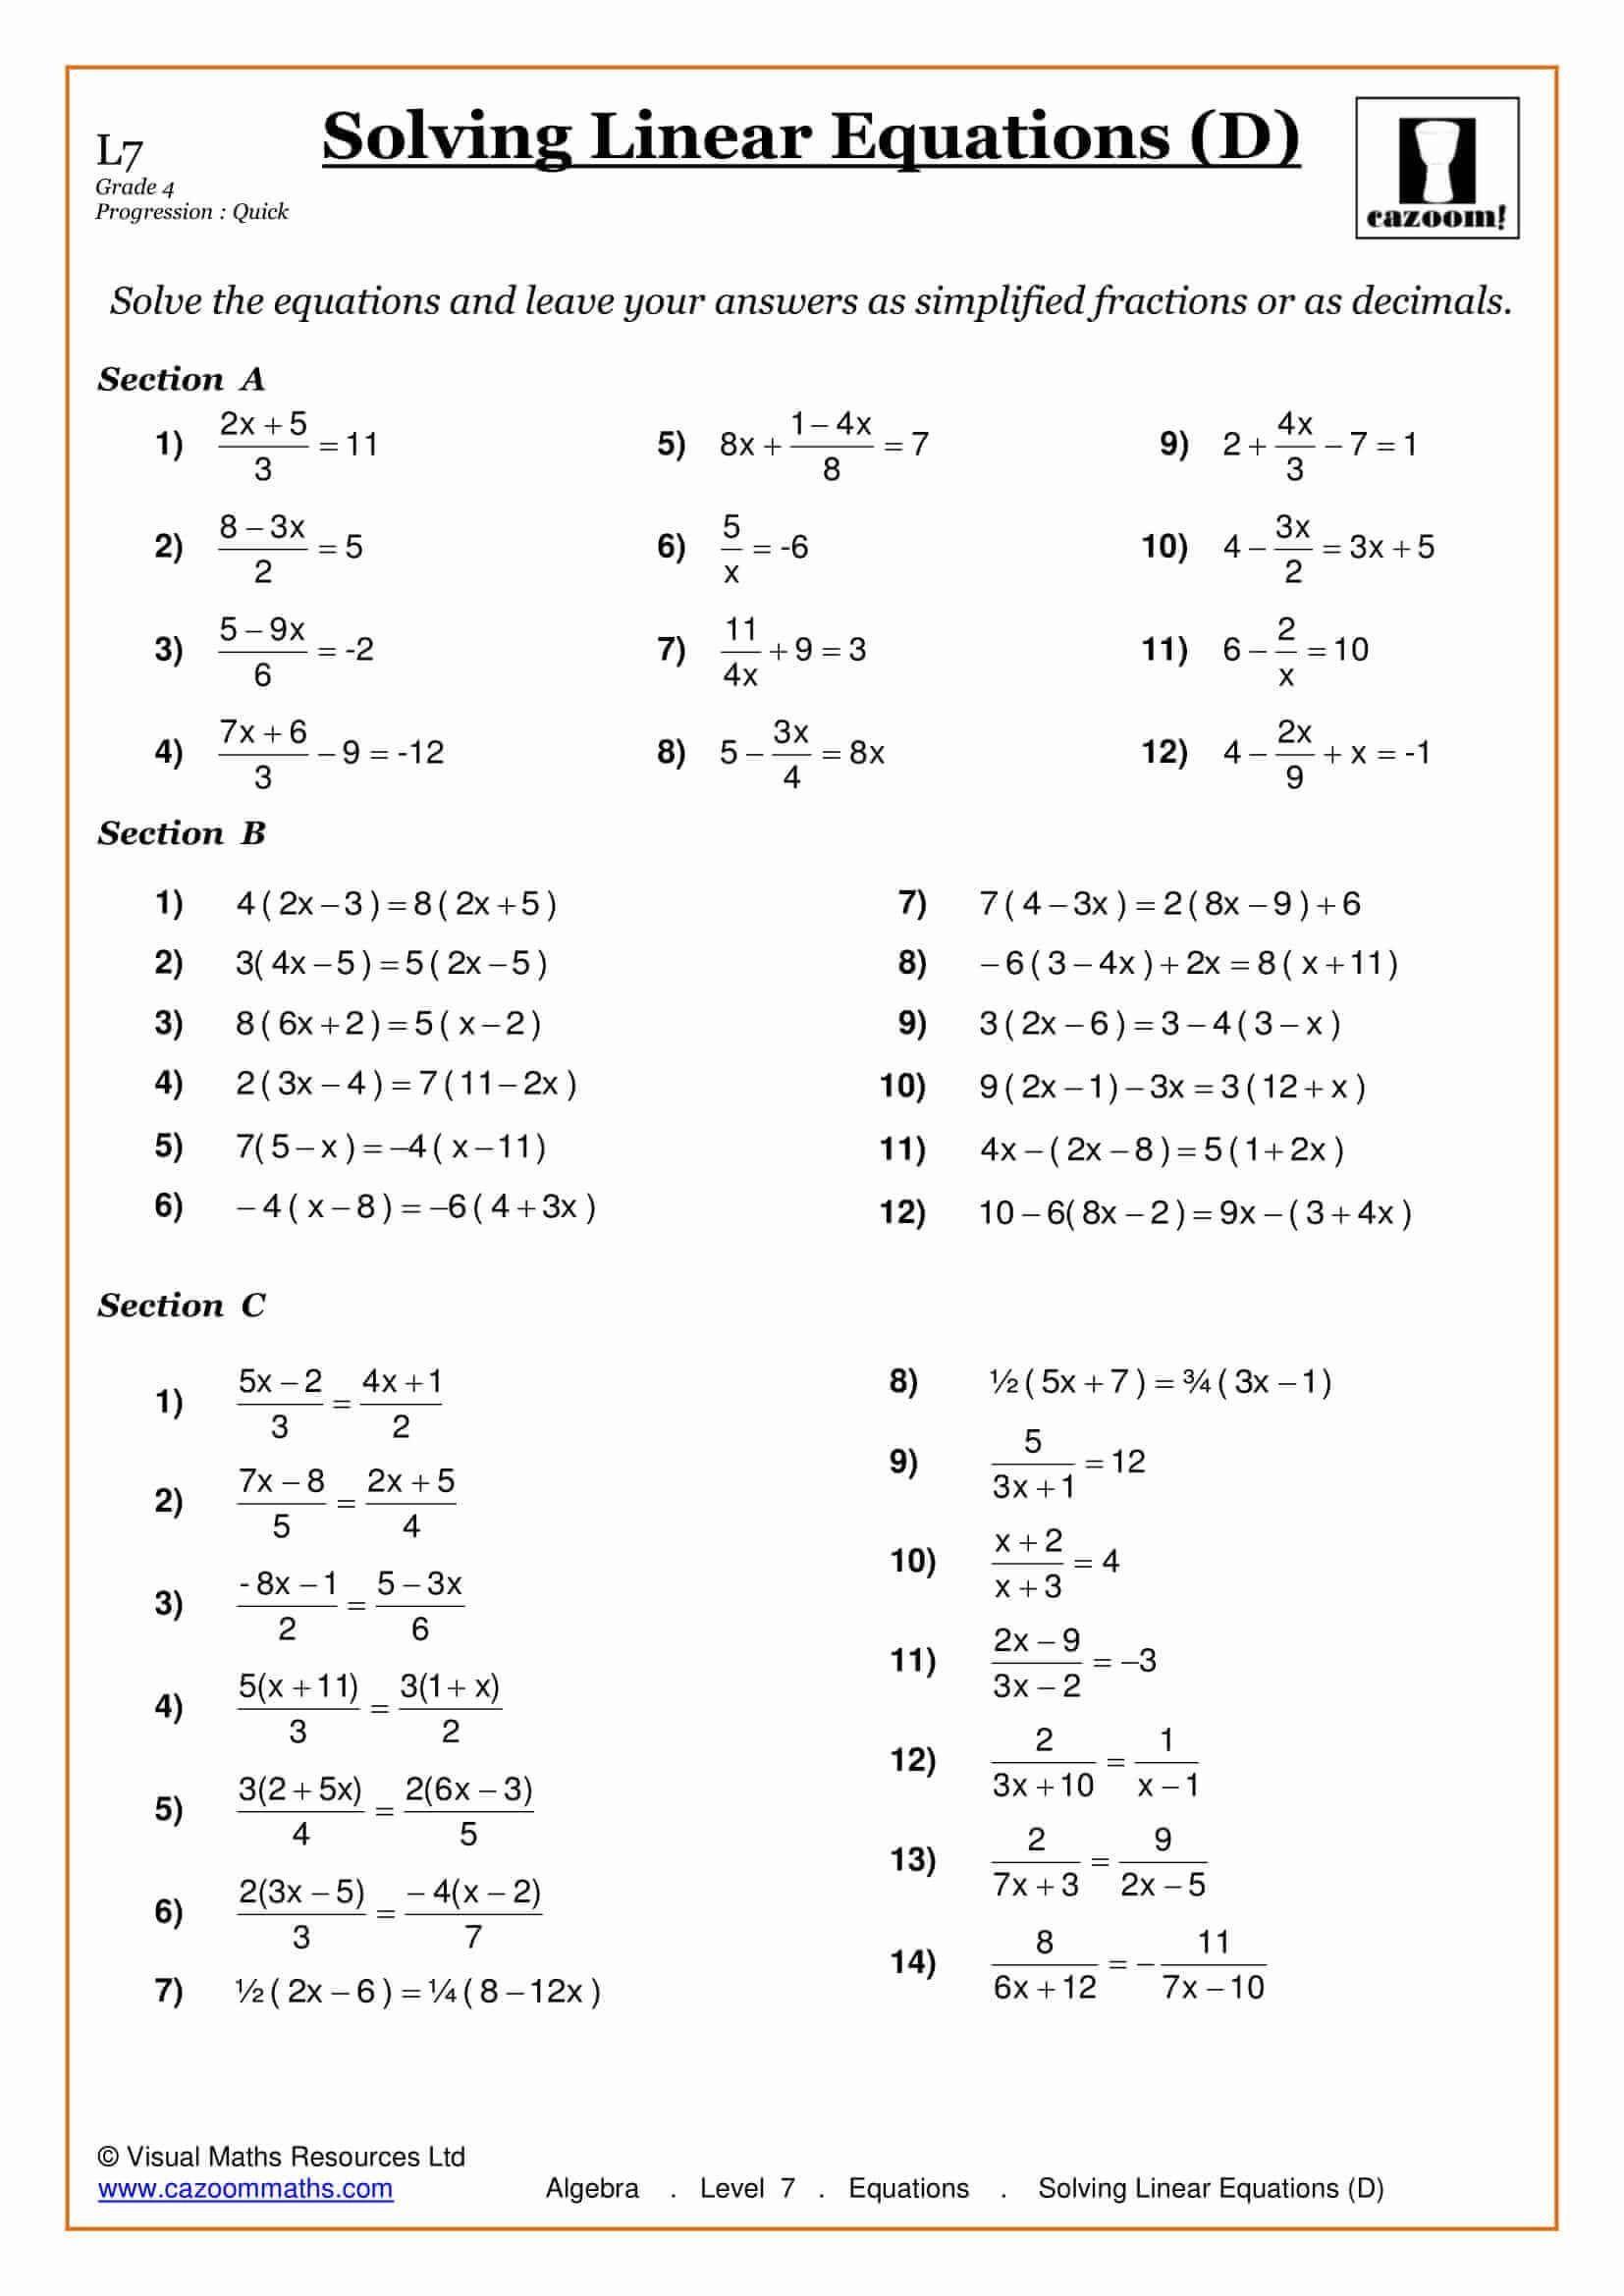 Pin on Algebra 2 TEKS